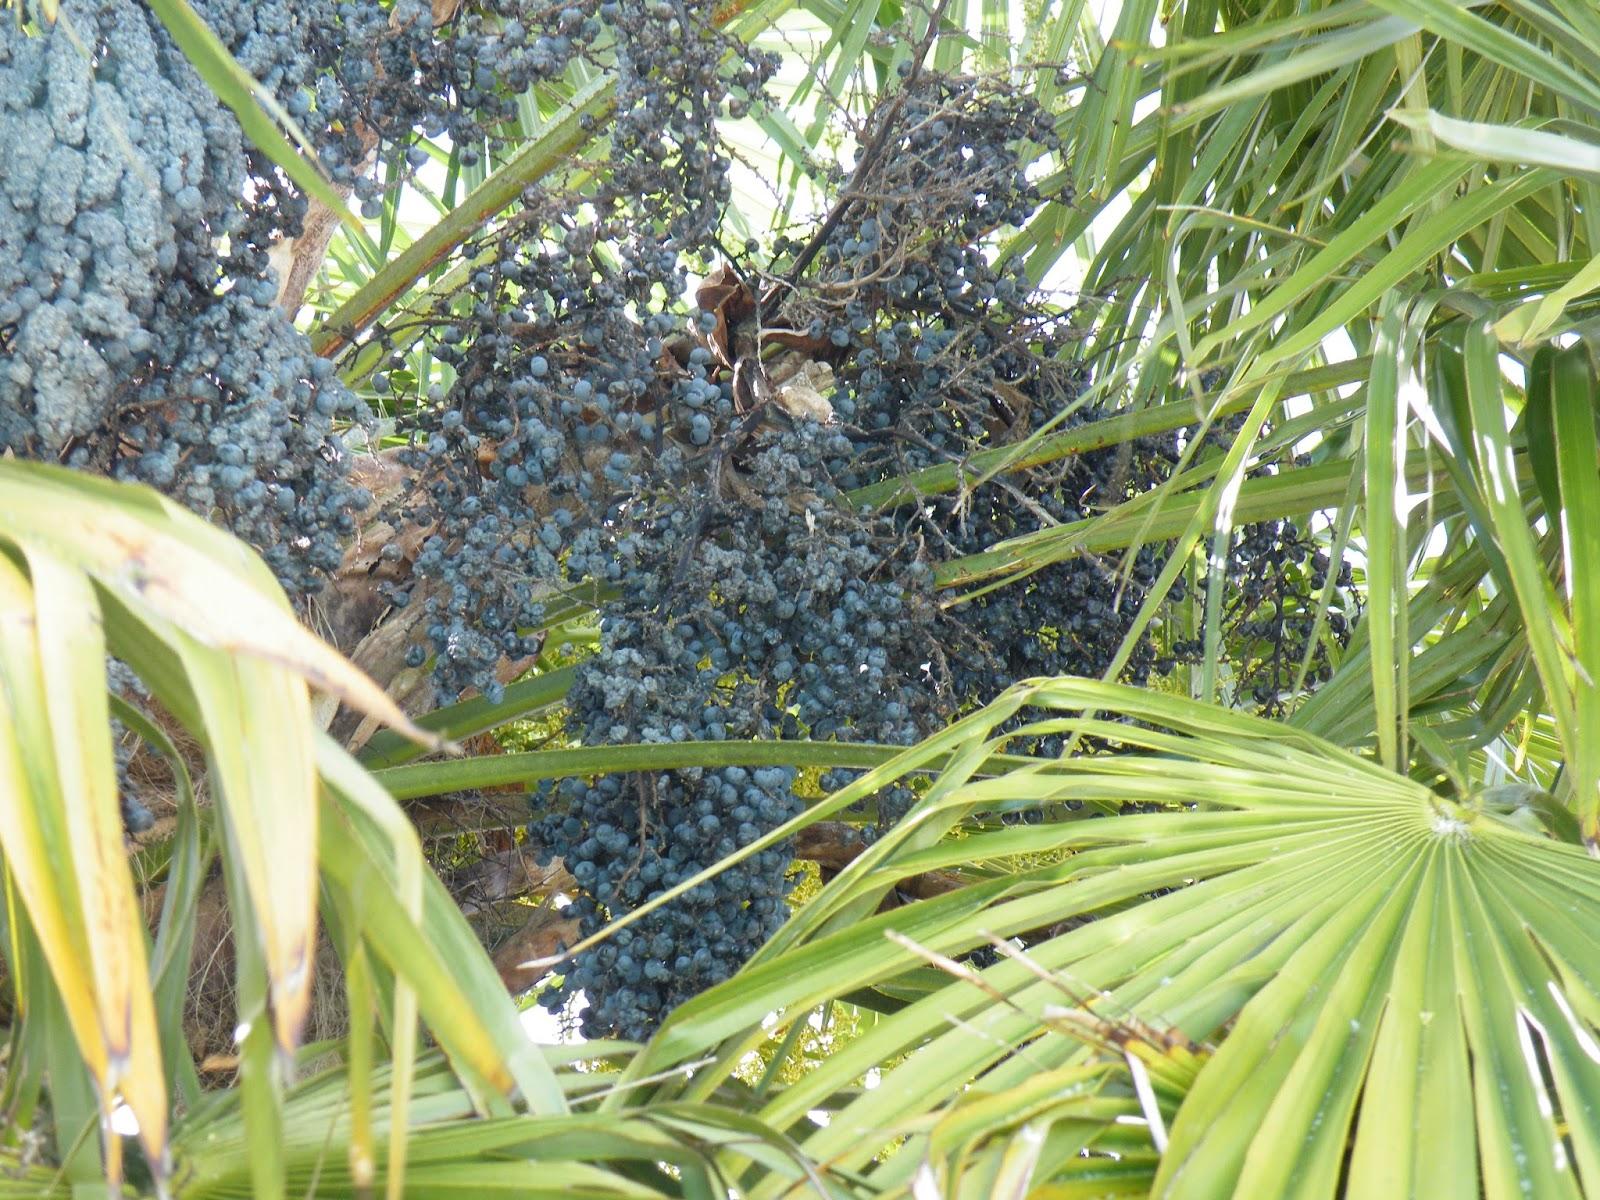 Du four au jardin et mes dix doigts palmiers again - Quand tailler un palmier ...